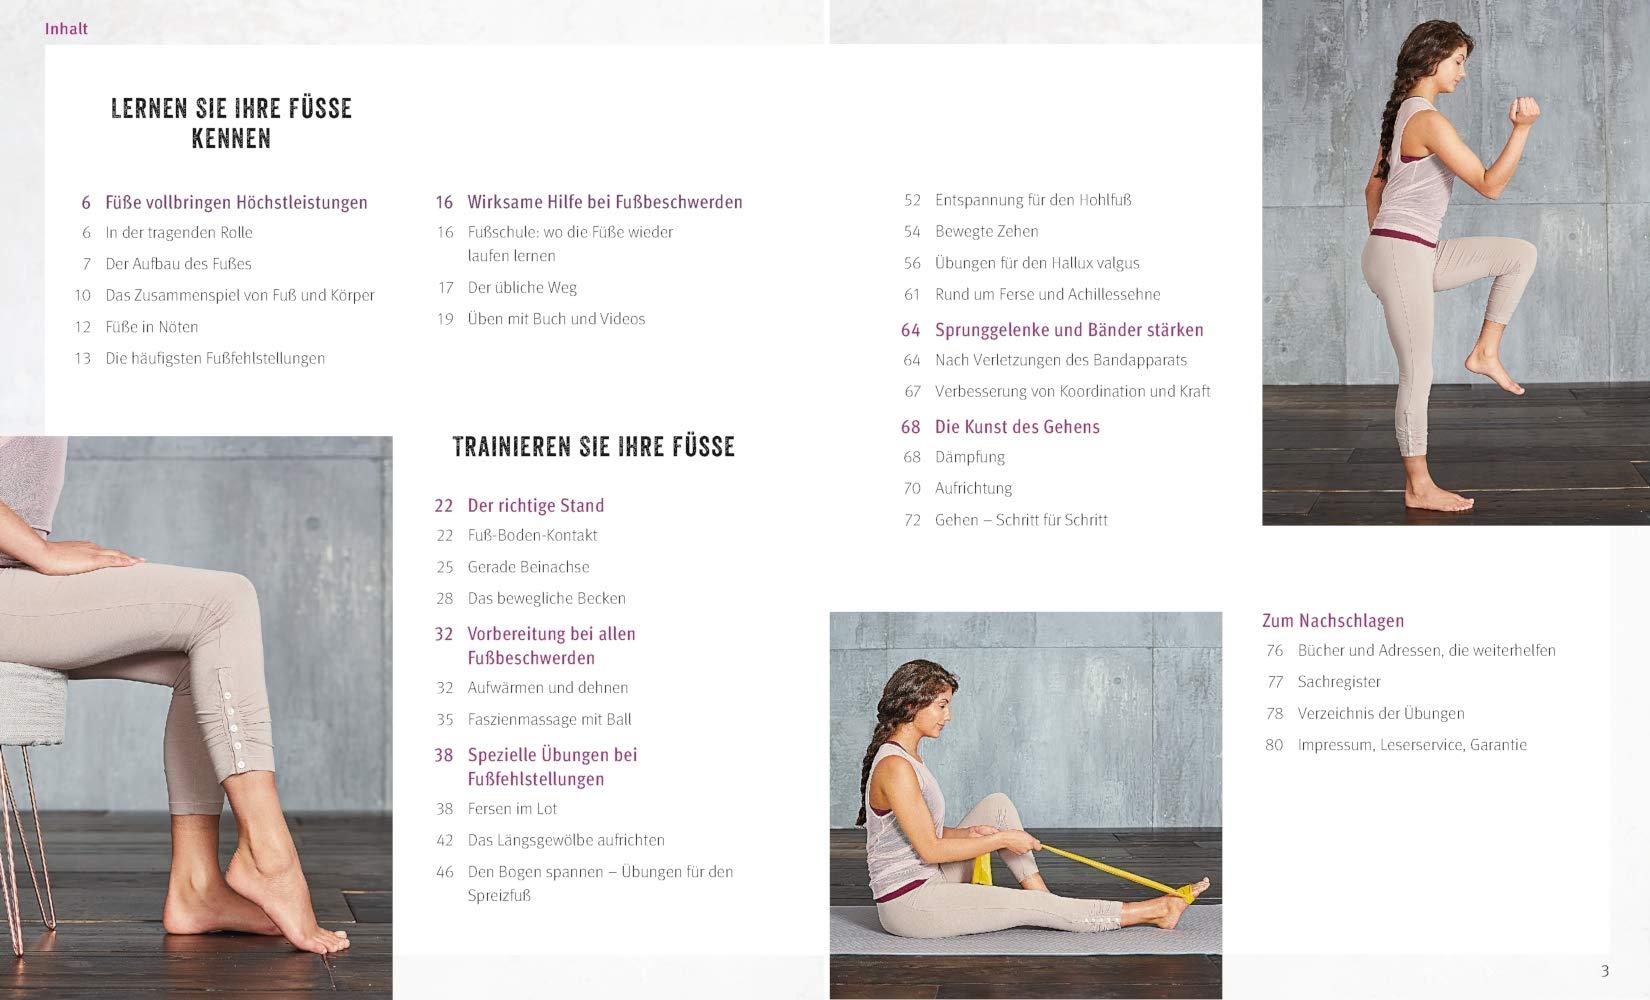 15c98cdc16b282 Endlich frei von Fußschmerzen!  Die besten Übungen bei Hallux Valgus und  anderen Beschwerden GU Multimedia Körper